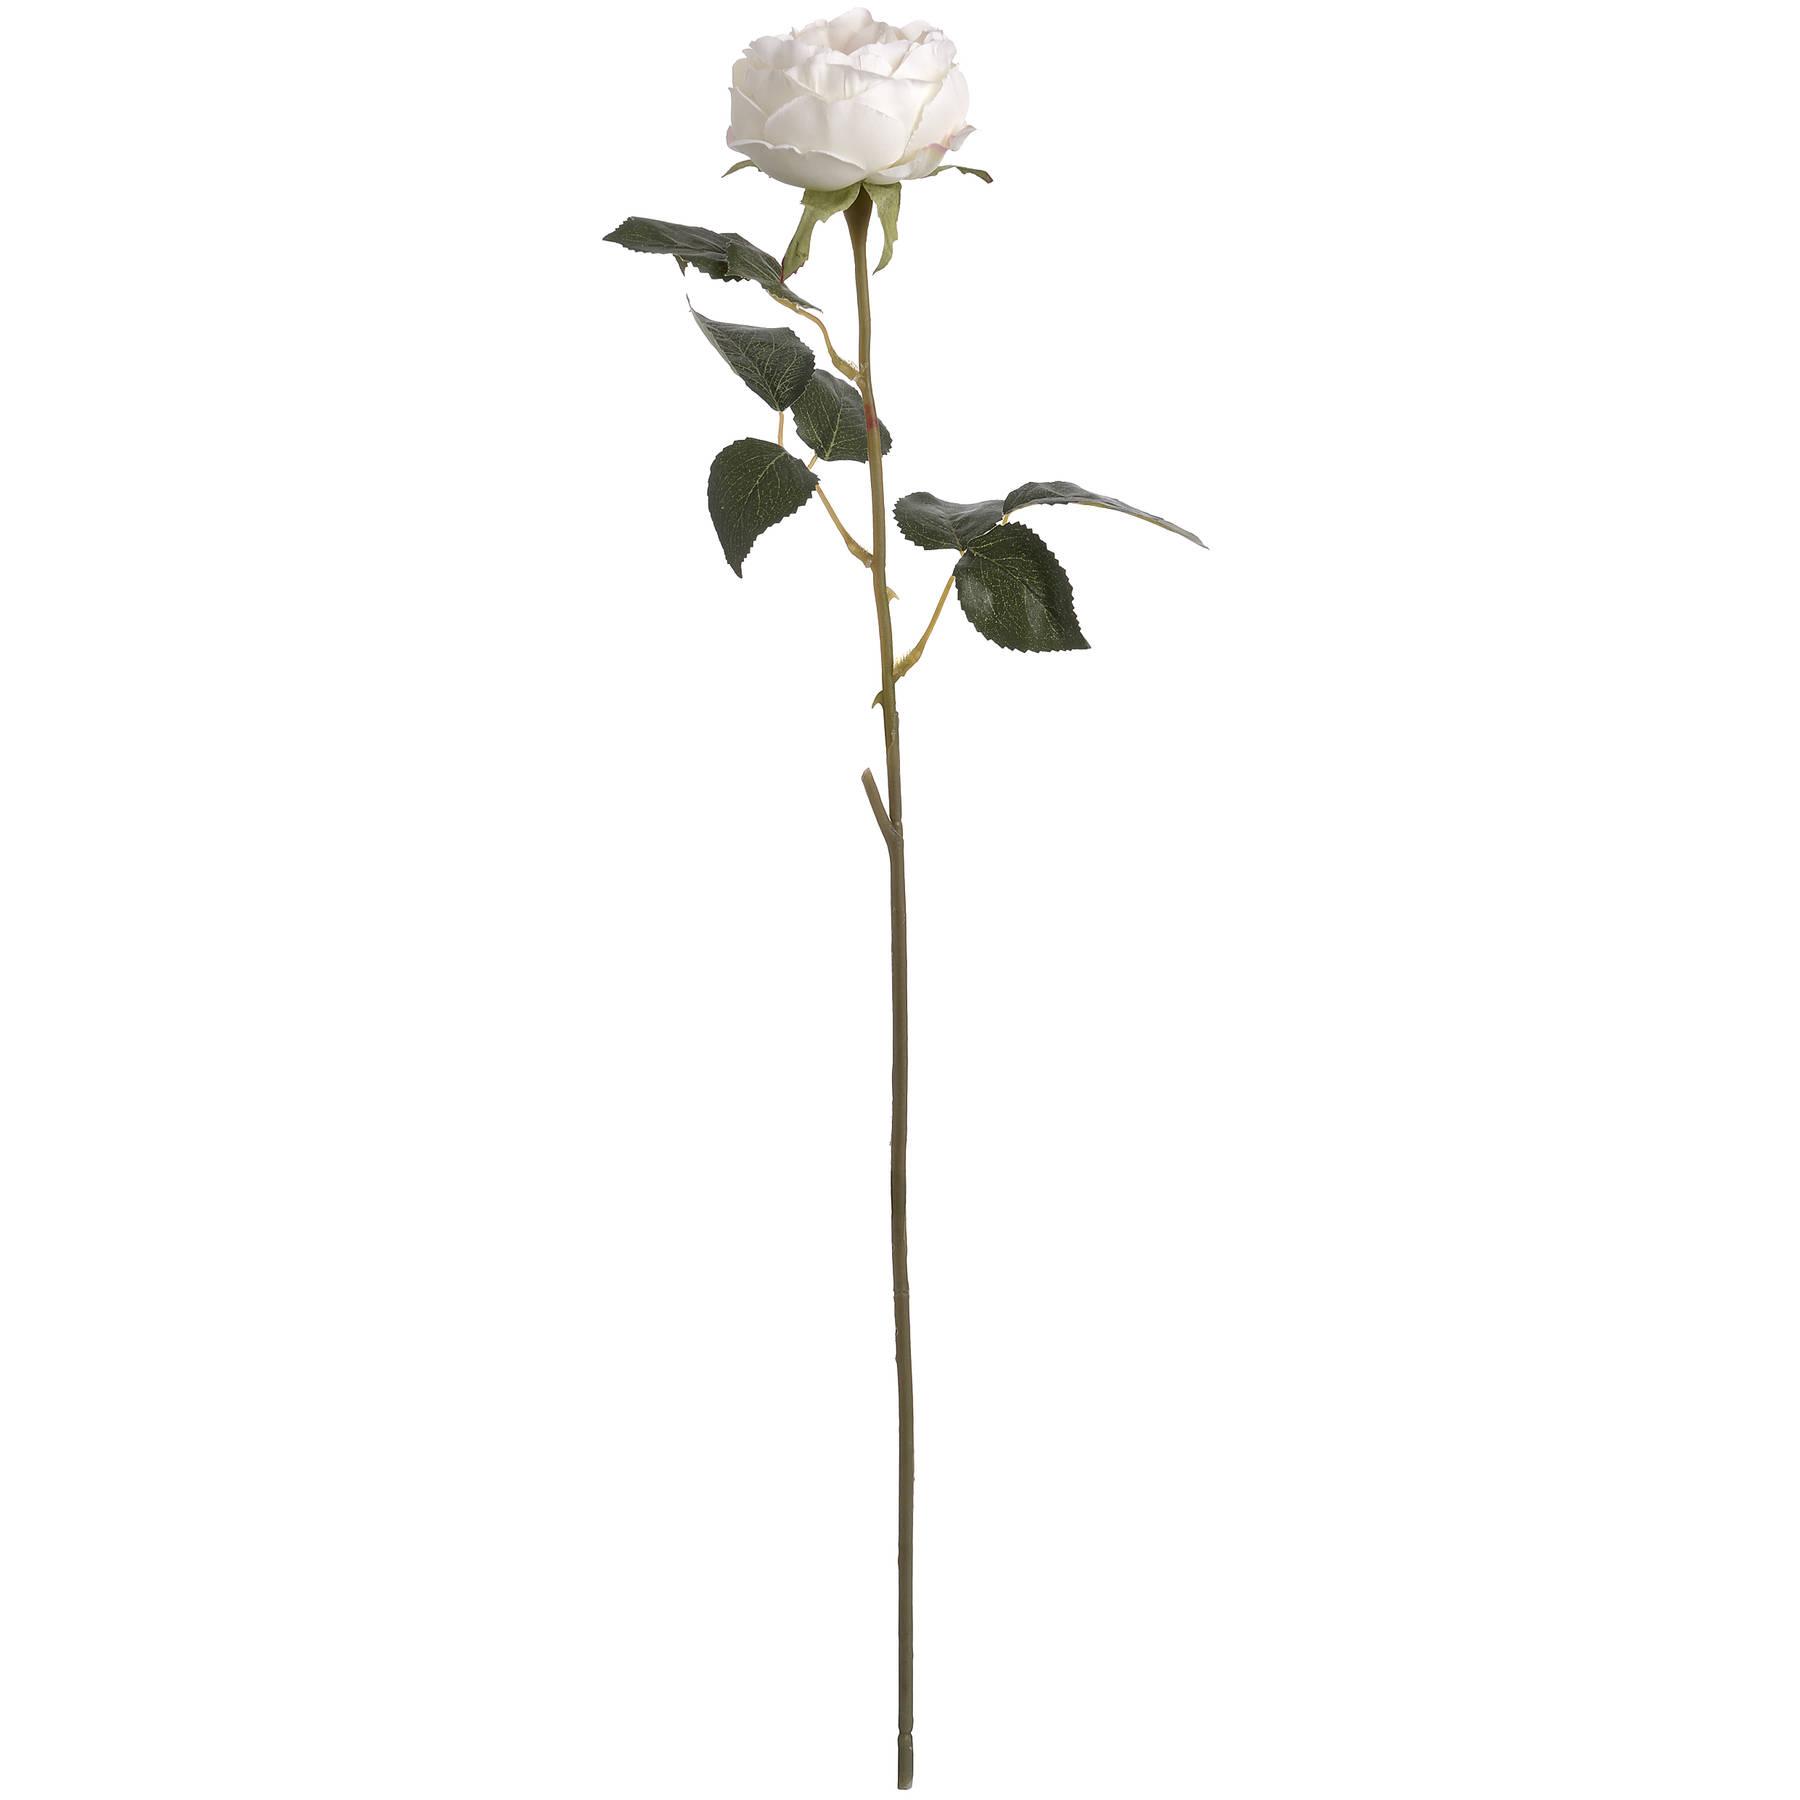 Blush Garden Rose - Image 6